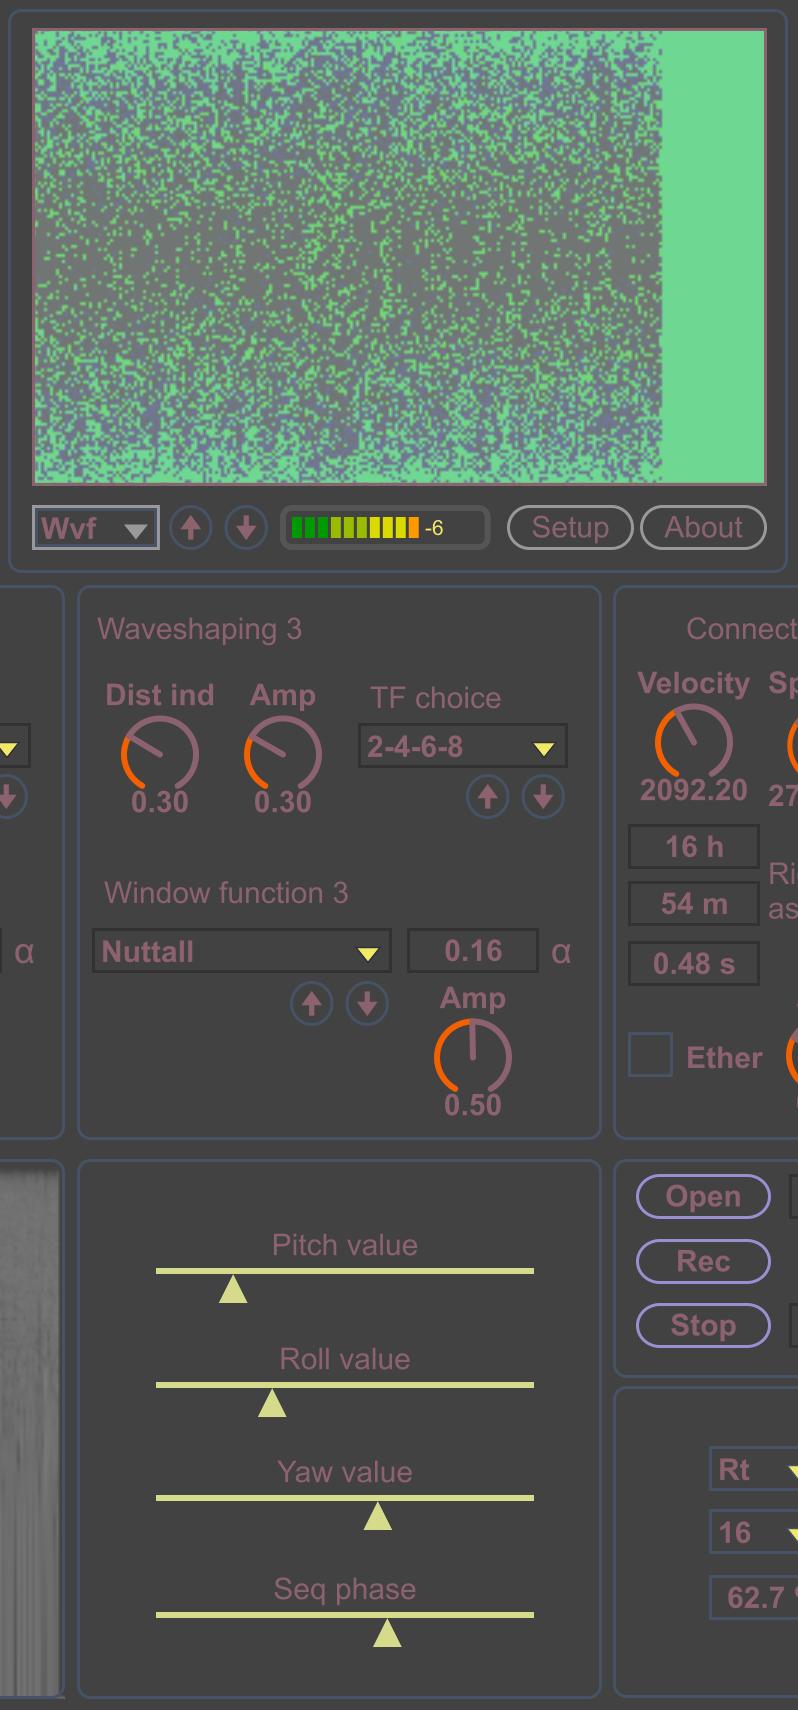 Compositor AV Ext full-height central part